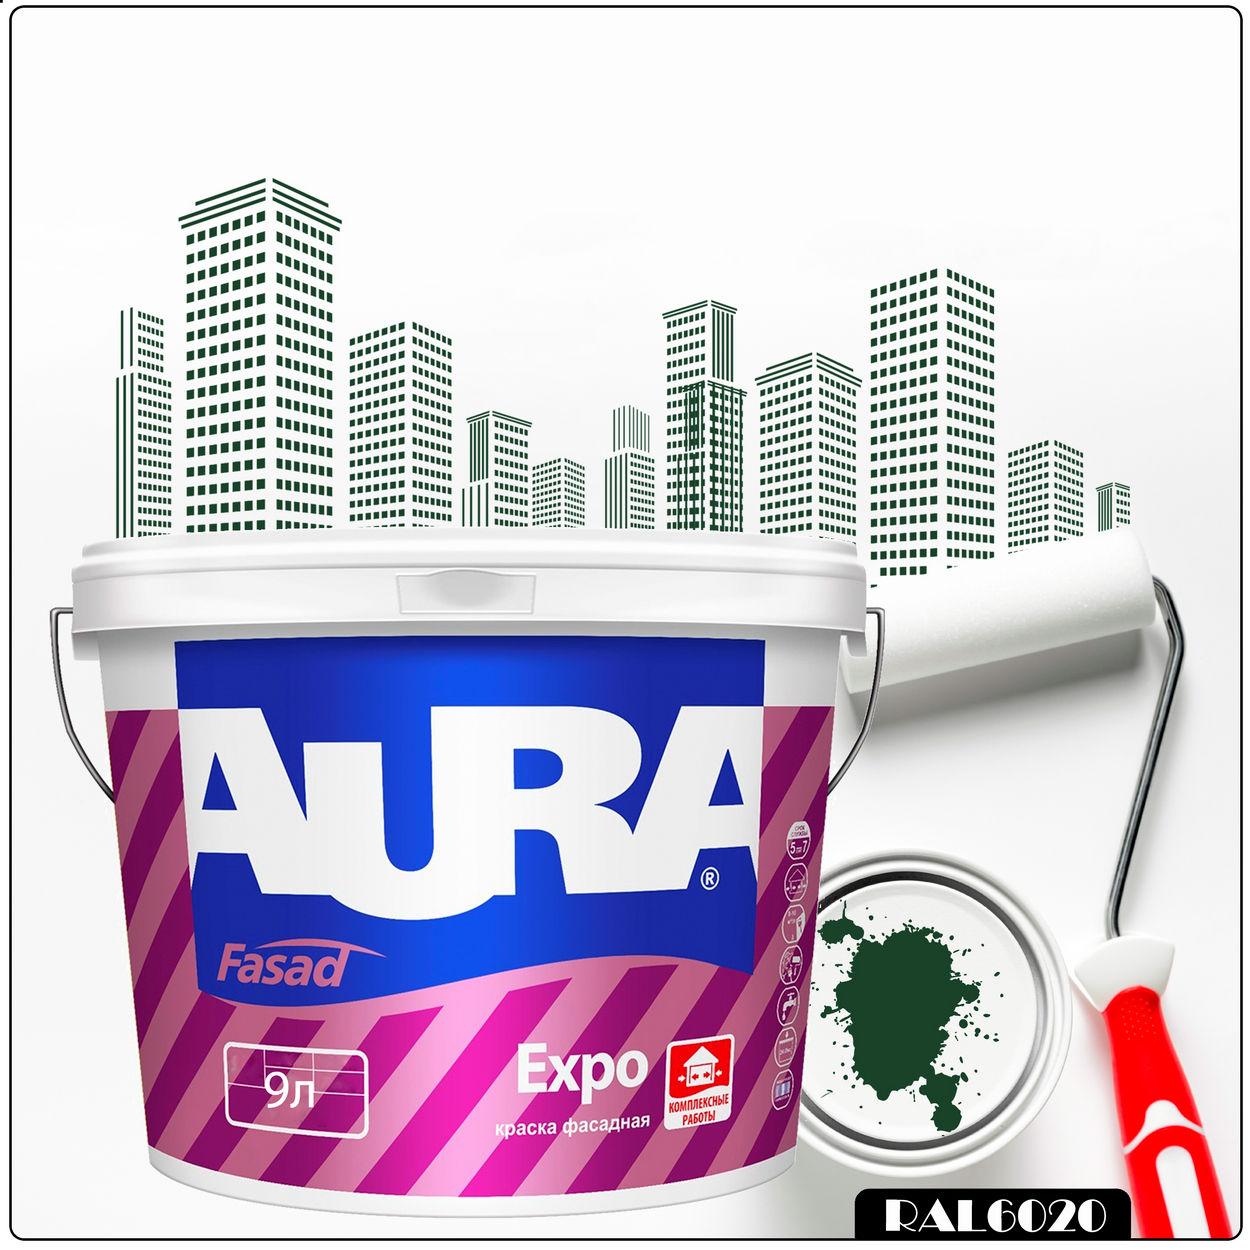 Фото 21 - Краска Aura Fasad Expo, RAL 6020 Зеленый-хром, матовая, для фасадов и помещений с повышенной влажностью, 9л.